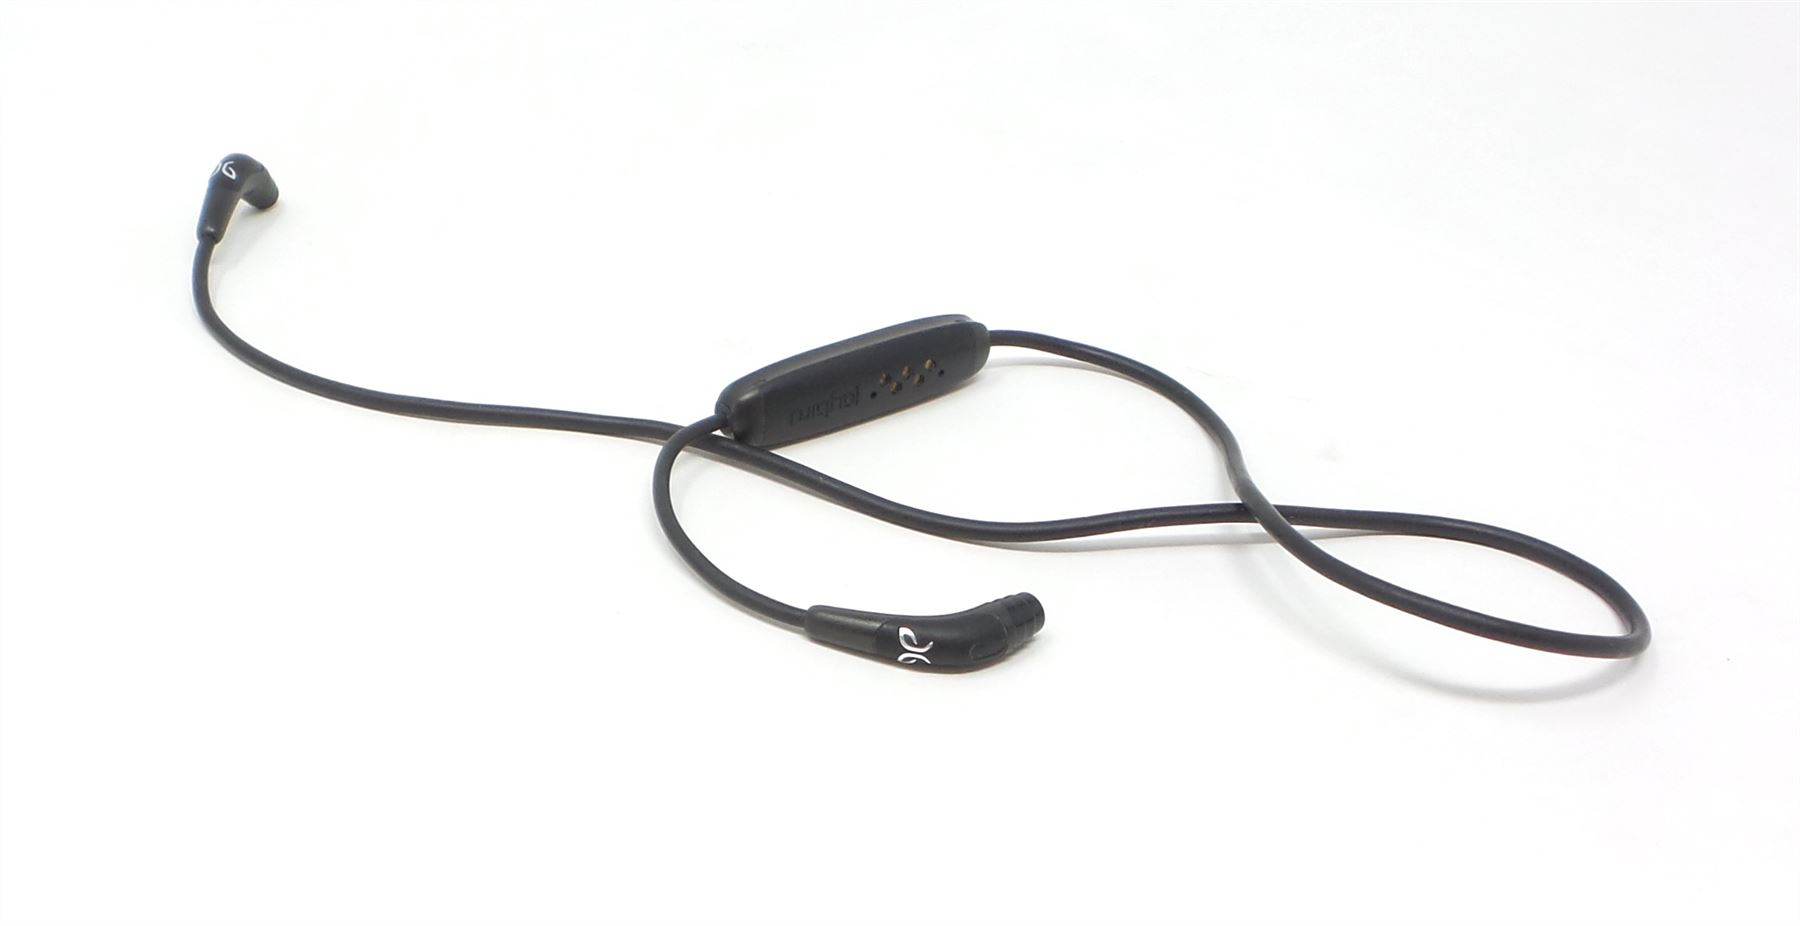 Jaybird Freedom F5 Bluetooth Wireless In Ear Headphones